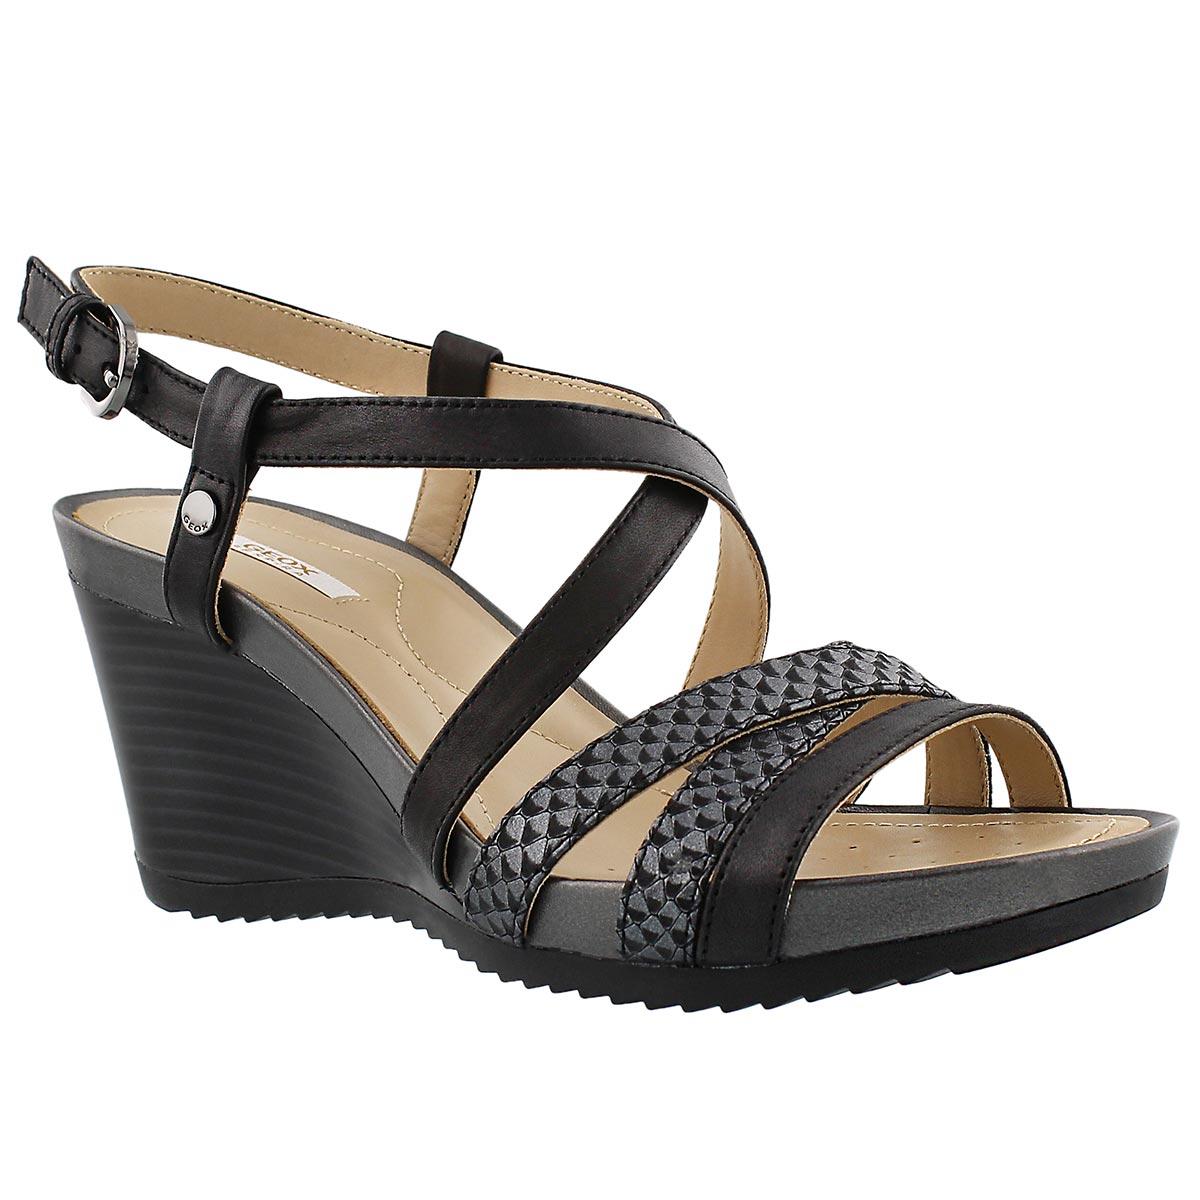 Lds New Rorie black wedge sandal